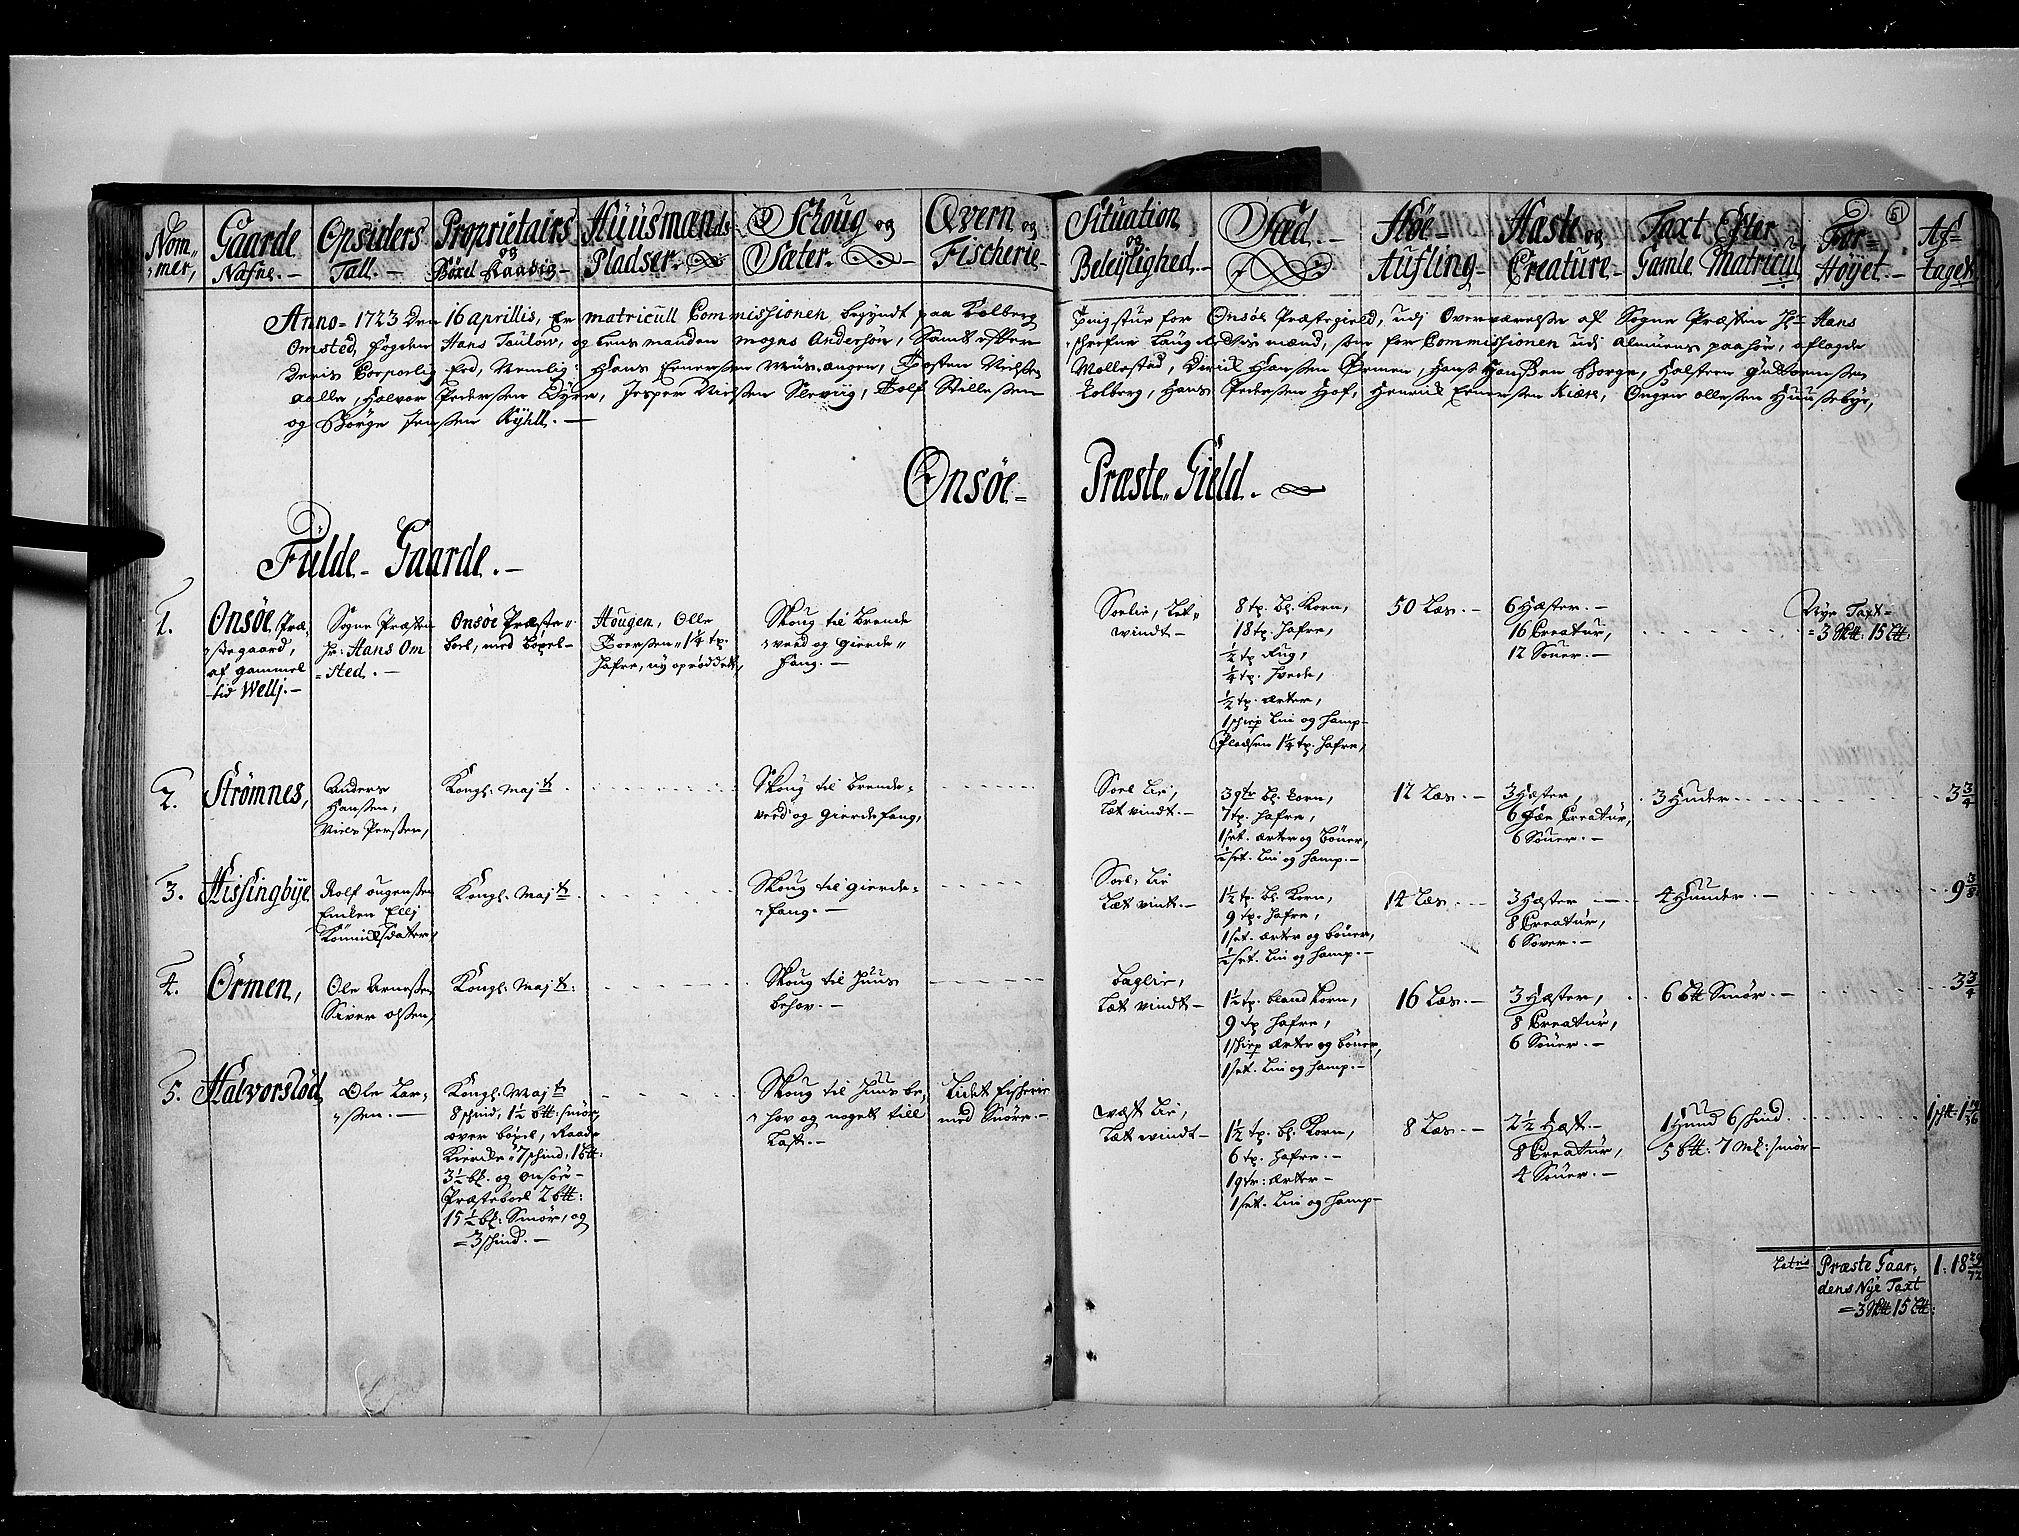 RA, Rentekammeret inntil 1814, Realistisk ordnet avdeling, N/Nb/Nbf/L0095: Moss, Onsøy, Tune og Veme eksaminasjonsprotokoll, 1723, s. 50b-51a